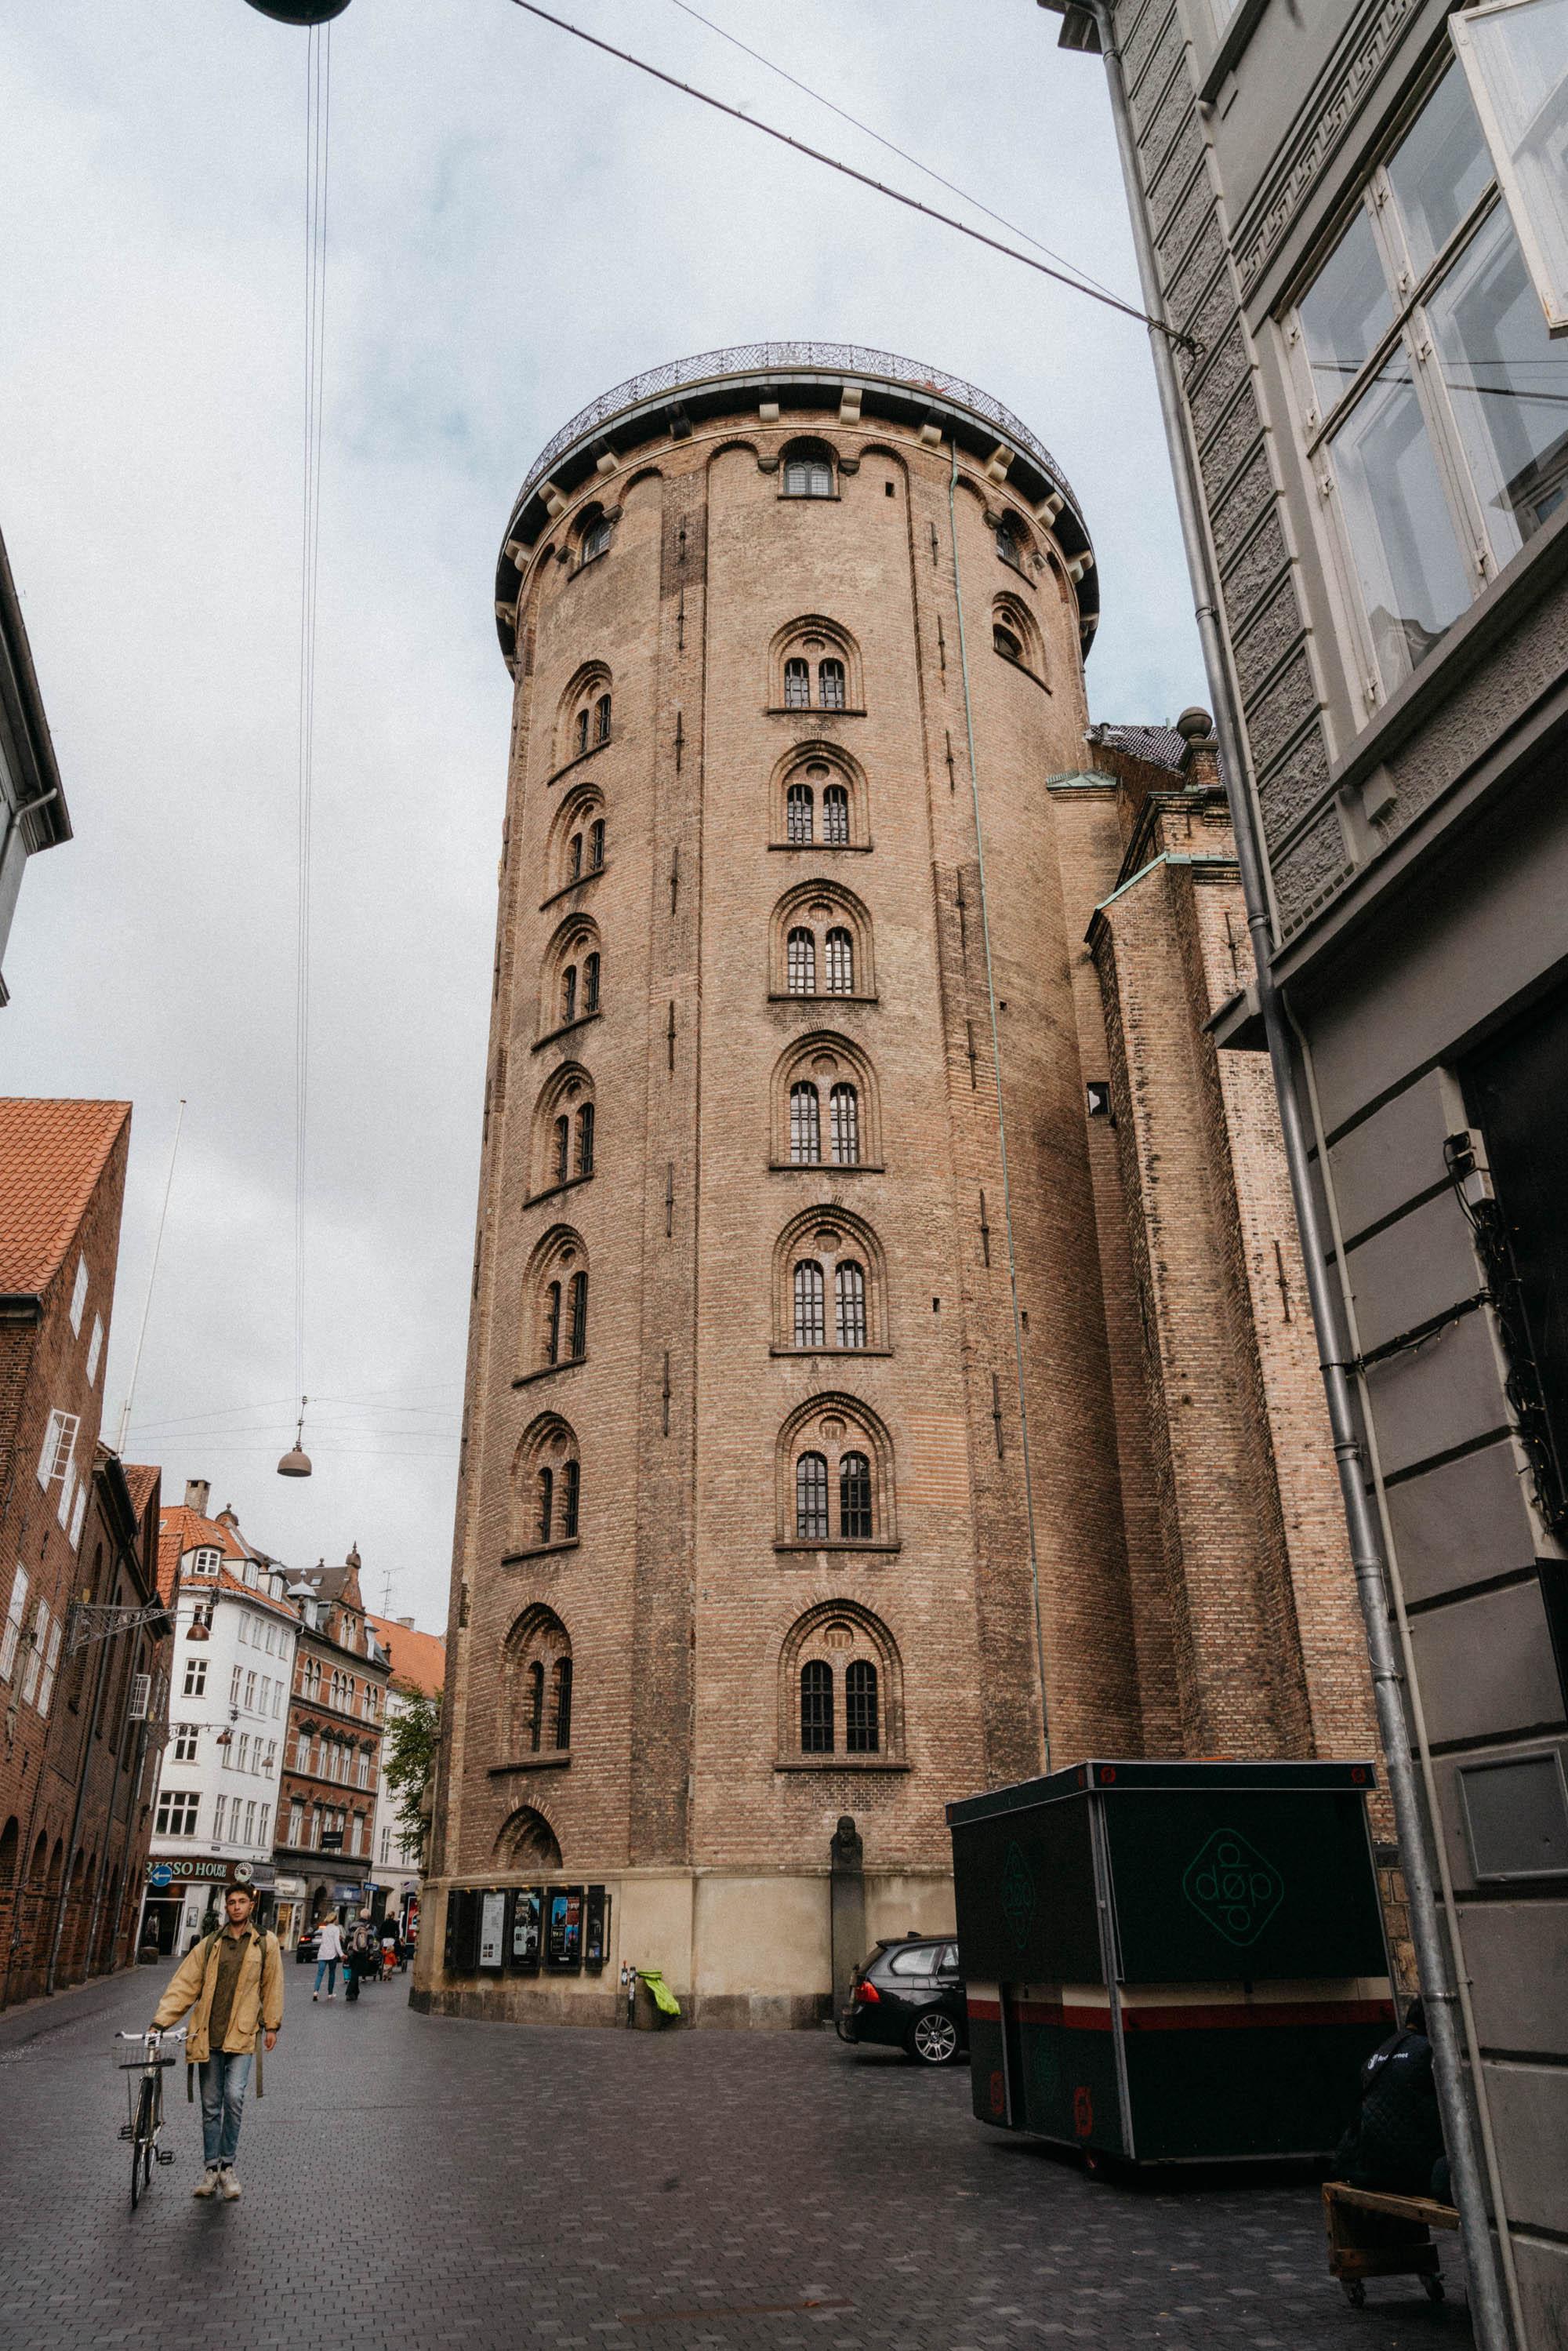 Rundetaarn (17th Century Round Tower)